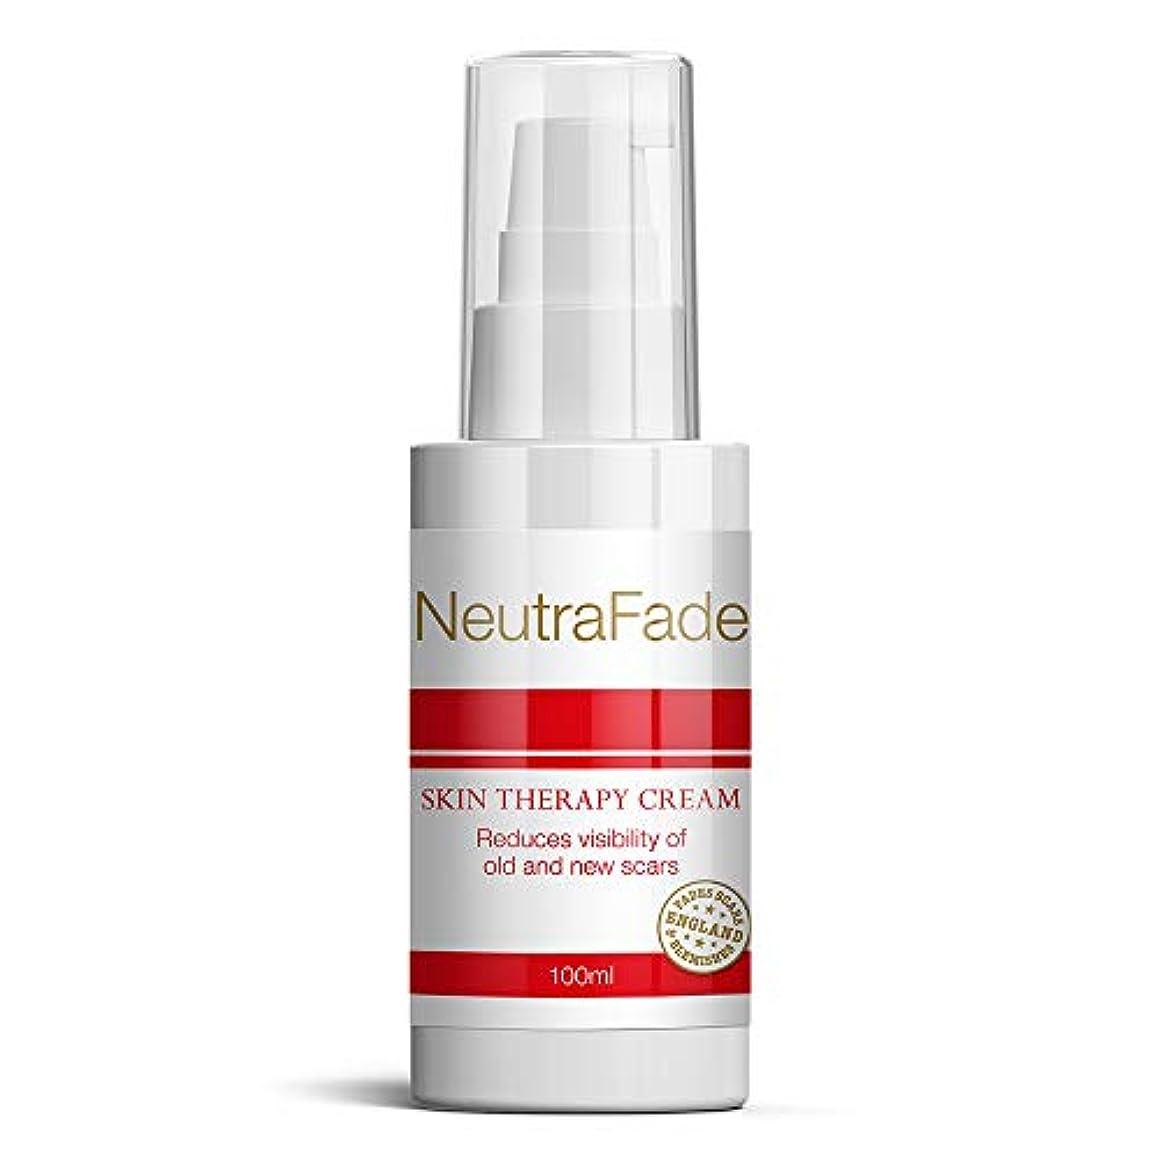 増強発見する砦NEUTRA FADE Cream 皮膚治療クリームはSCARの可視性を低減 NEUTRA feido hifu chiryō kurīmu wa sukā no kashi-sei o teigen